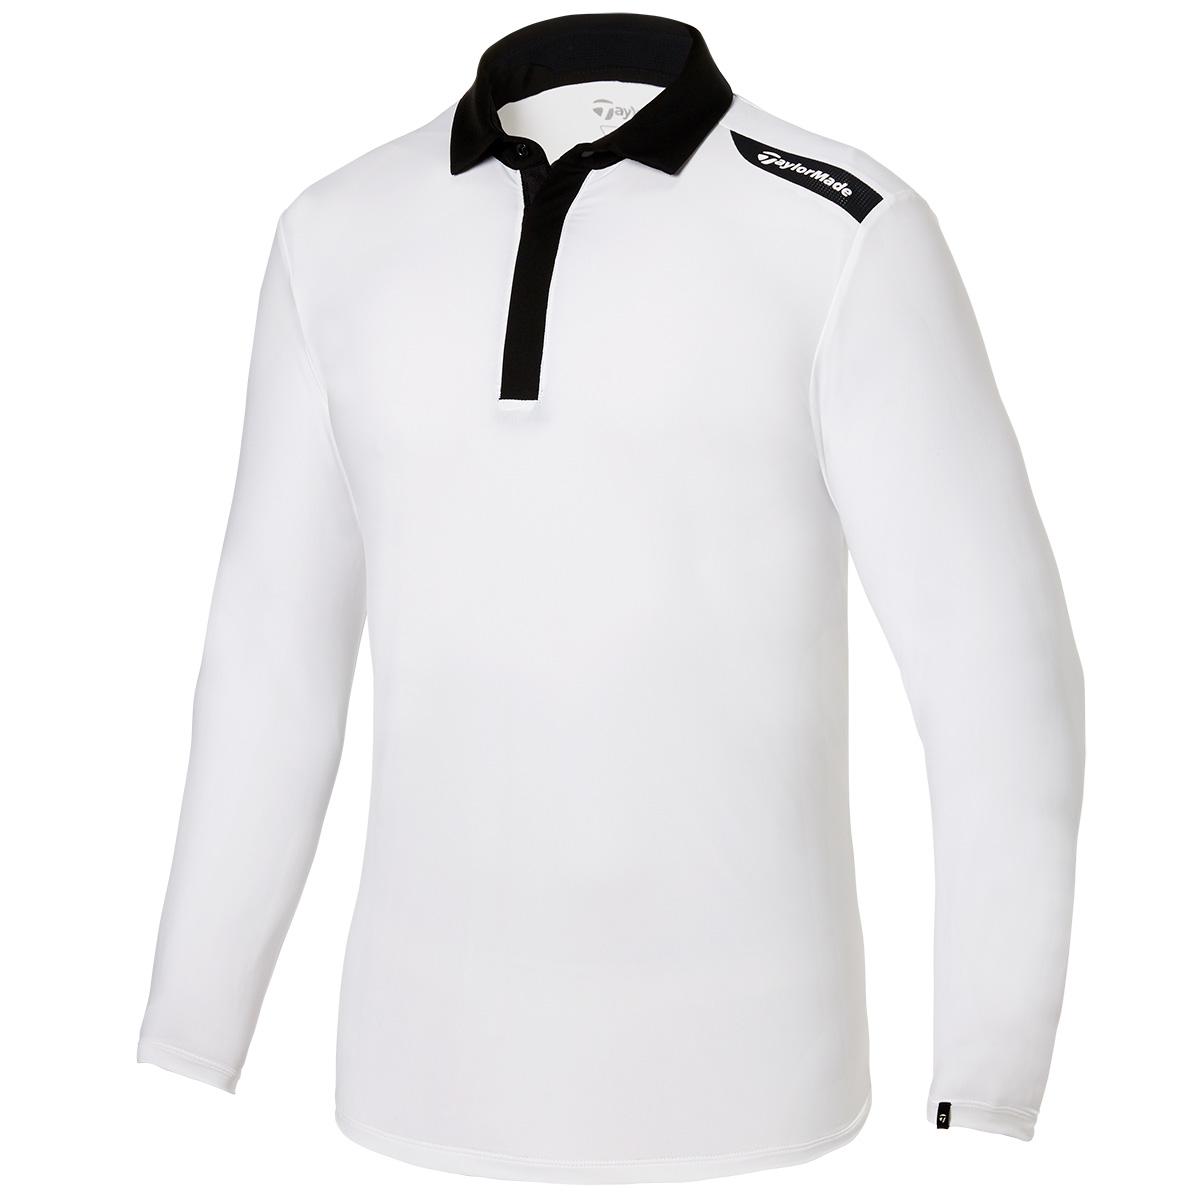 ストレッチ タブロゴ 長袖ポロシャツ